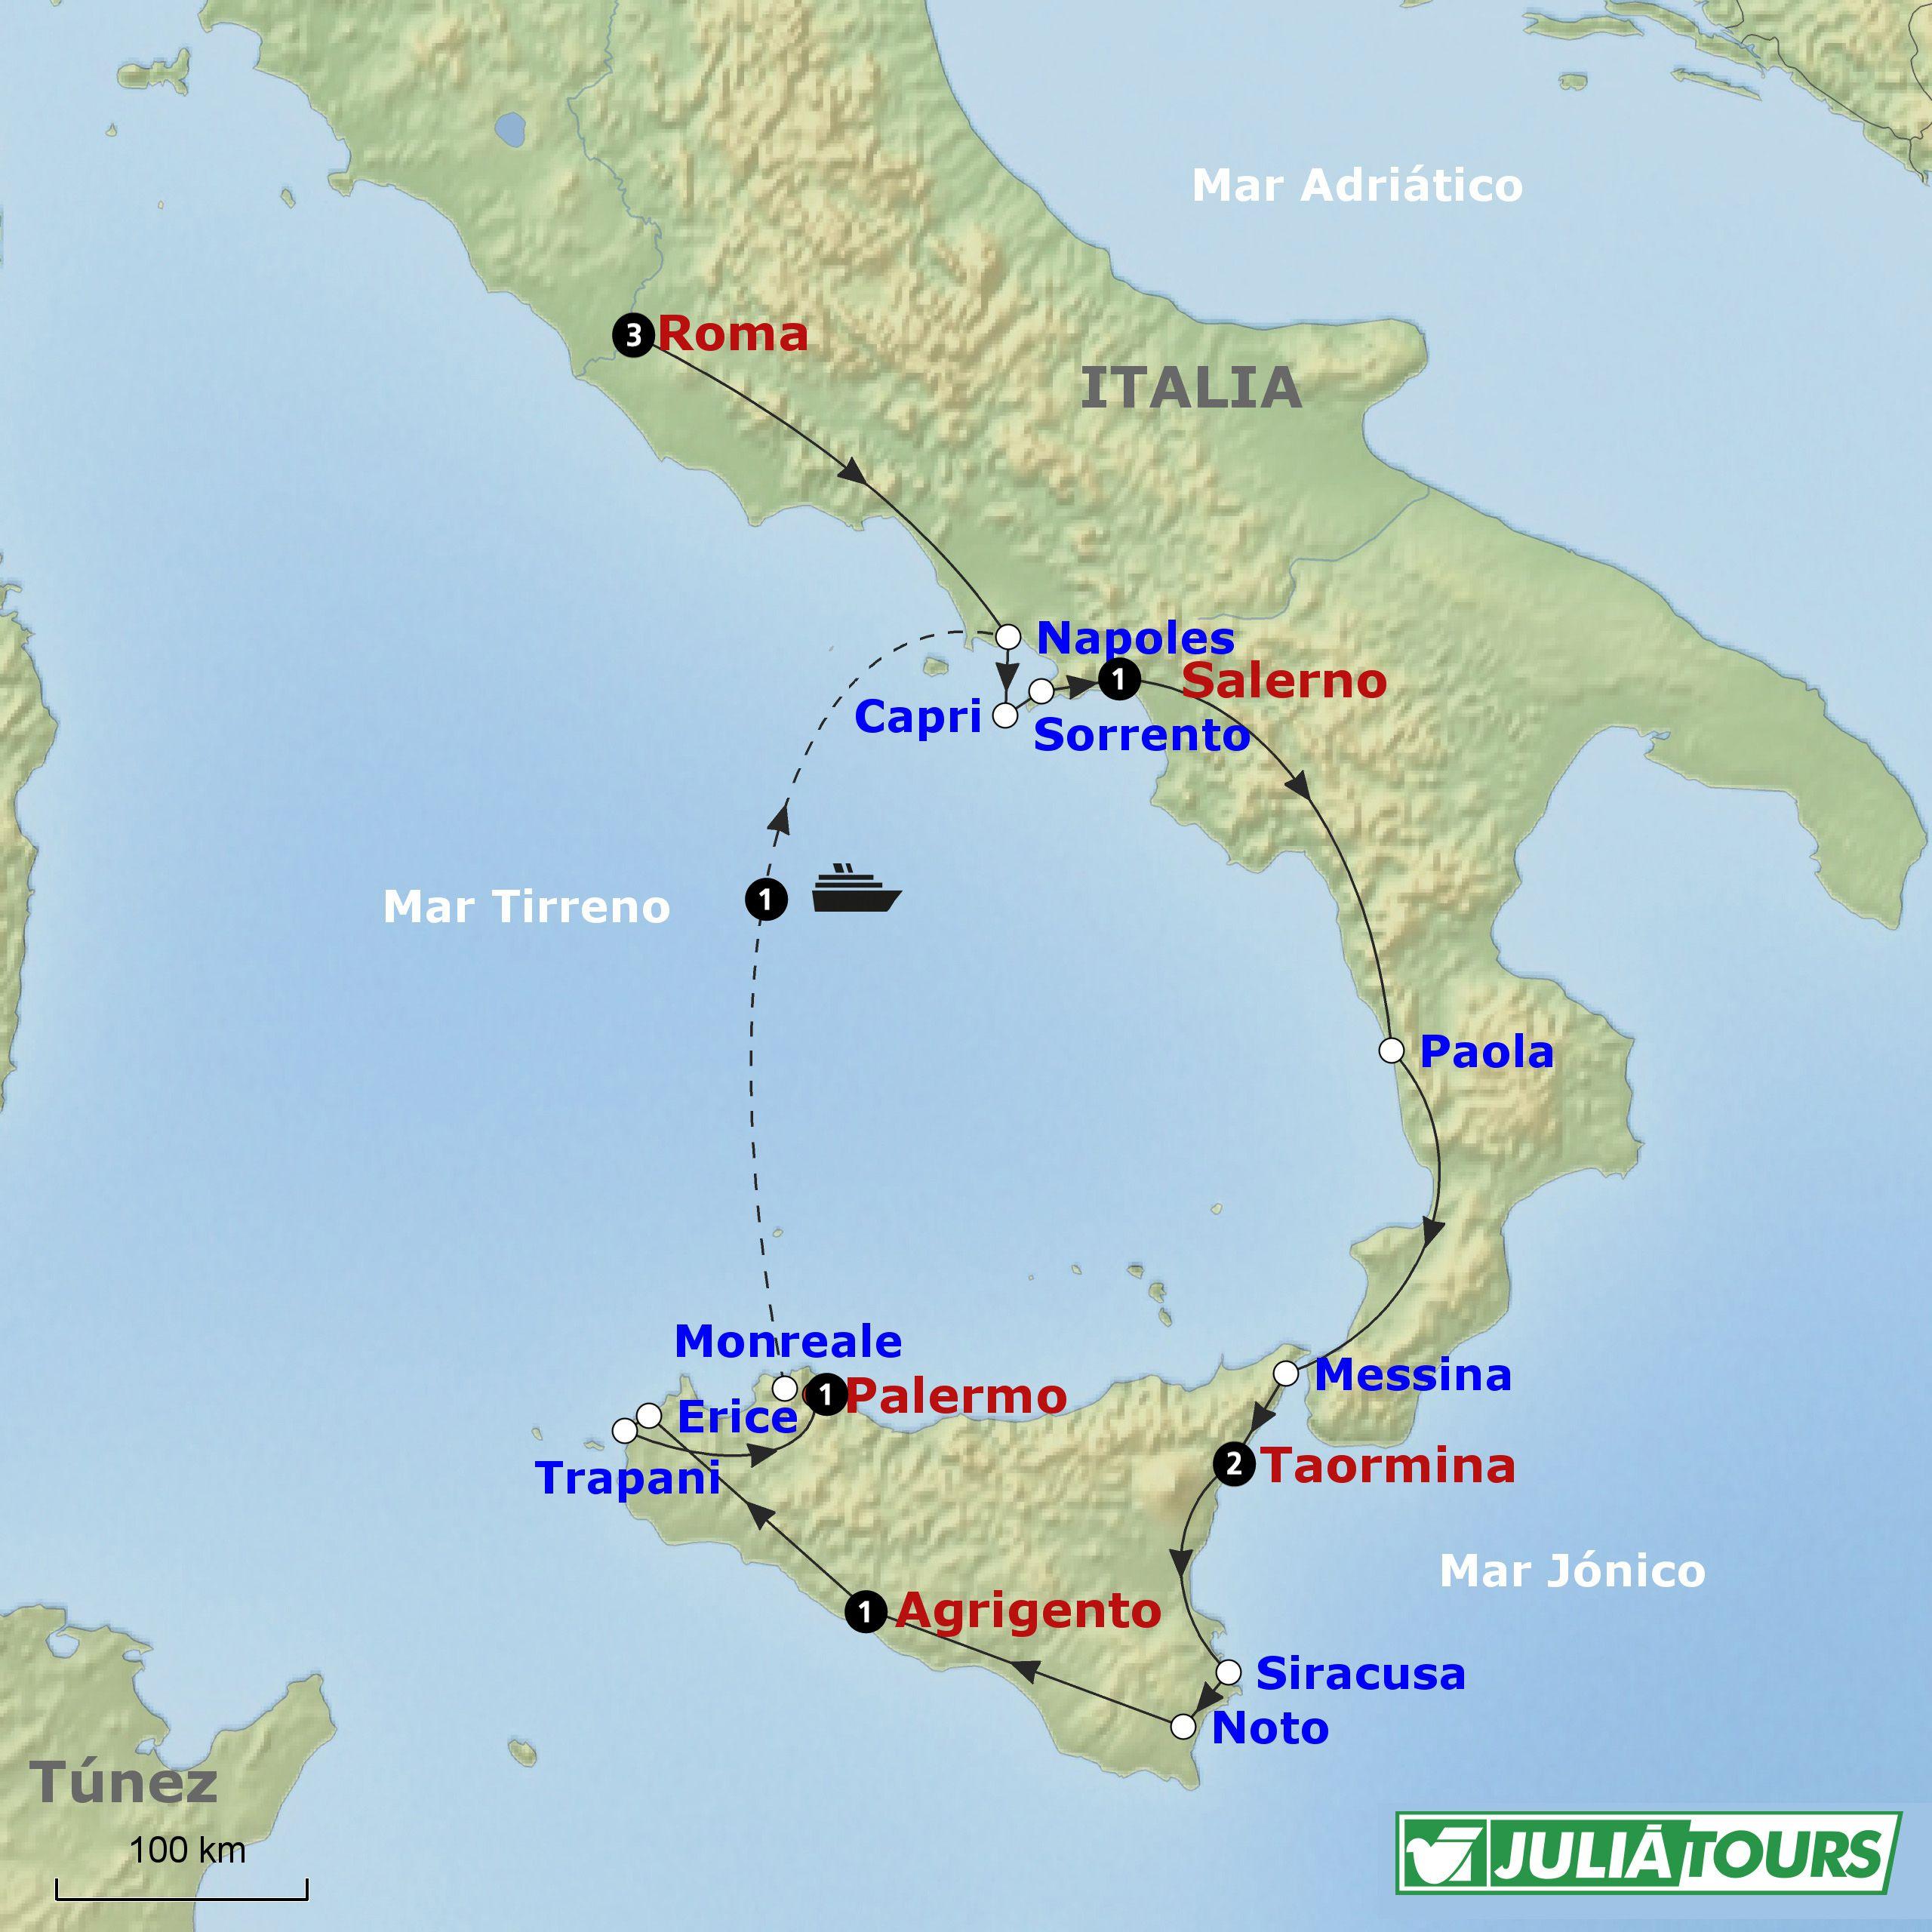 kapri italija mapa mapa sur de Italia con Capri   de búsqueda | viaje sur de italia  kapri italija mapa